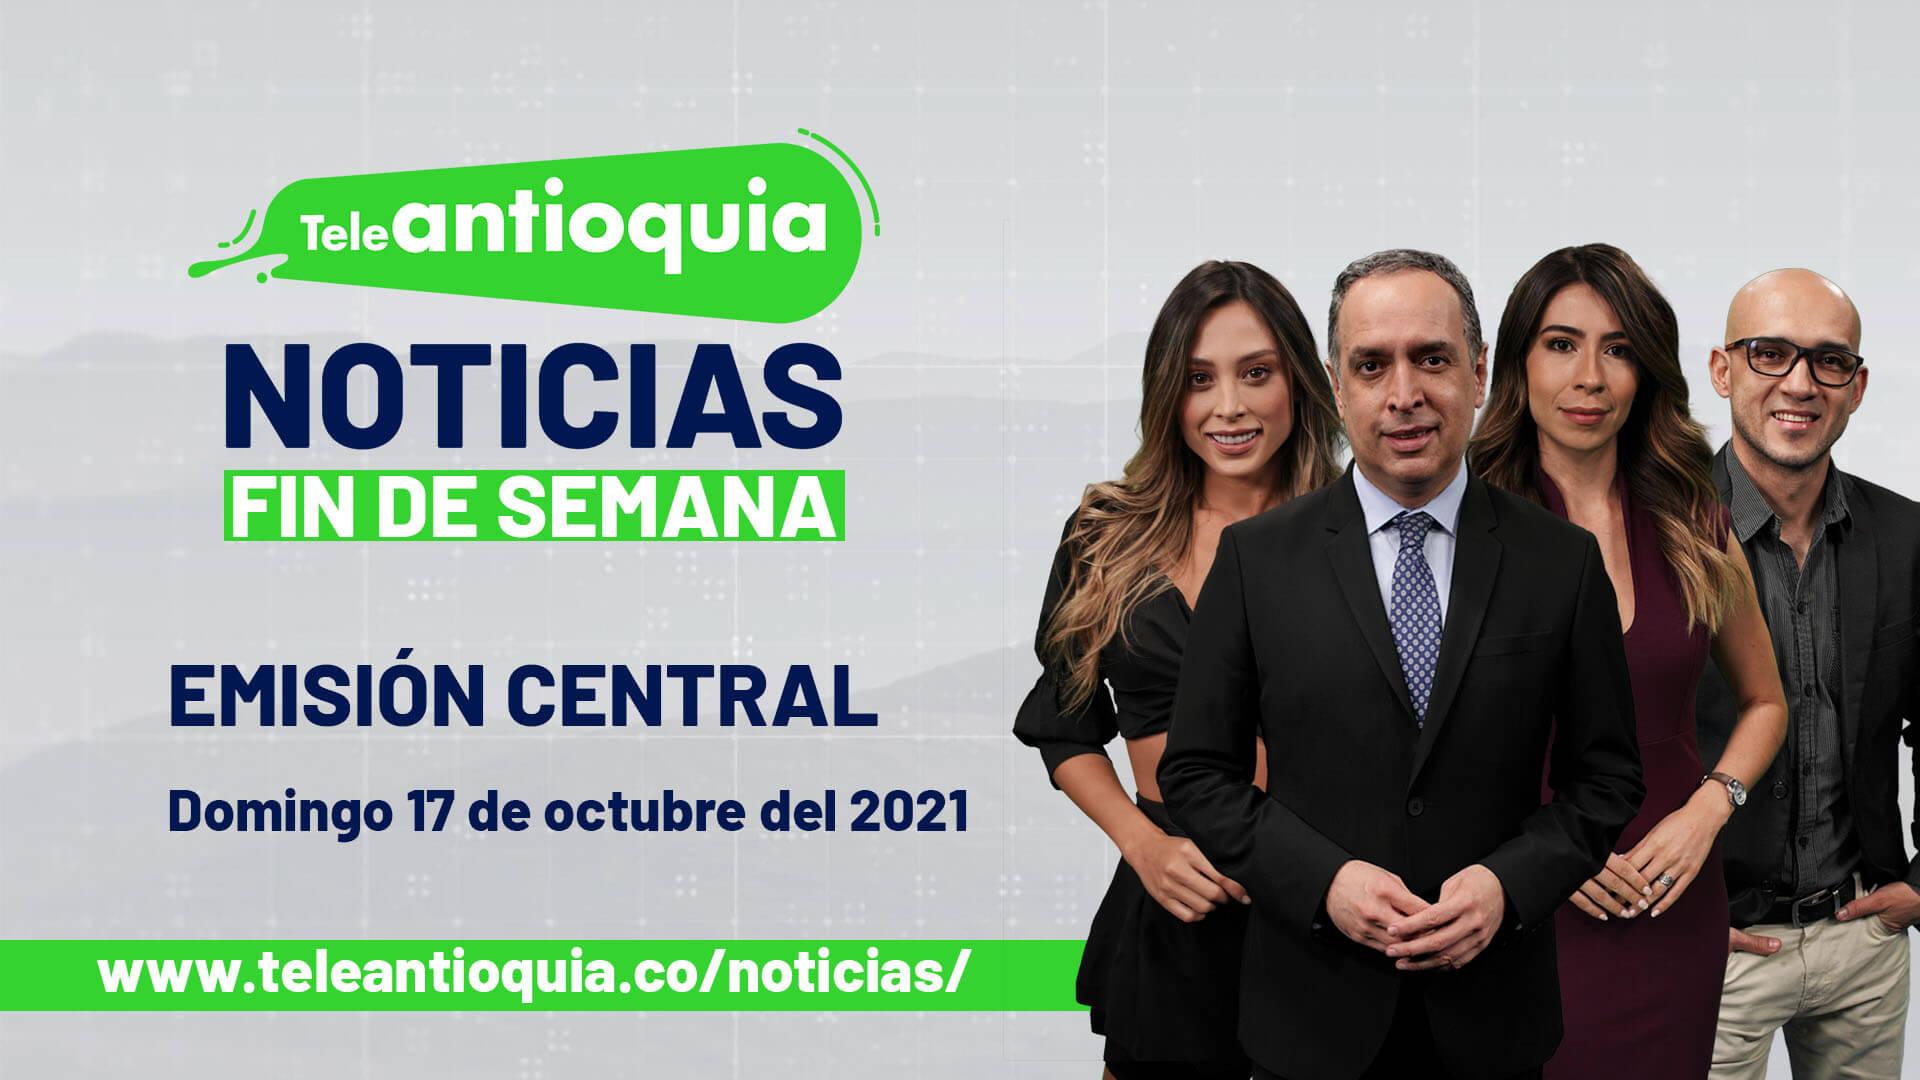 Teleantioquia Noticias - domingo 17 de octubre de 2021 noche